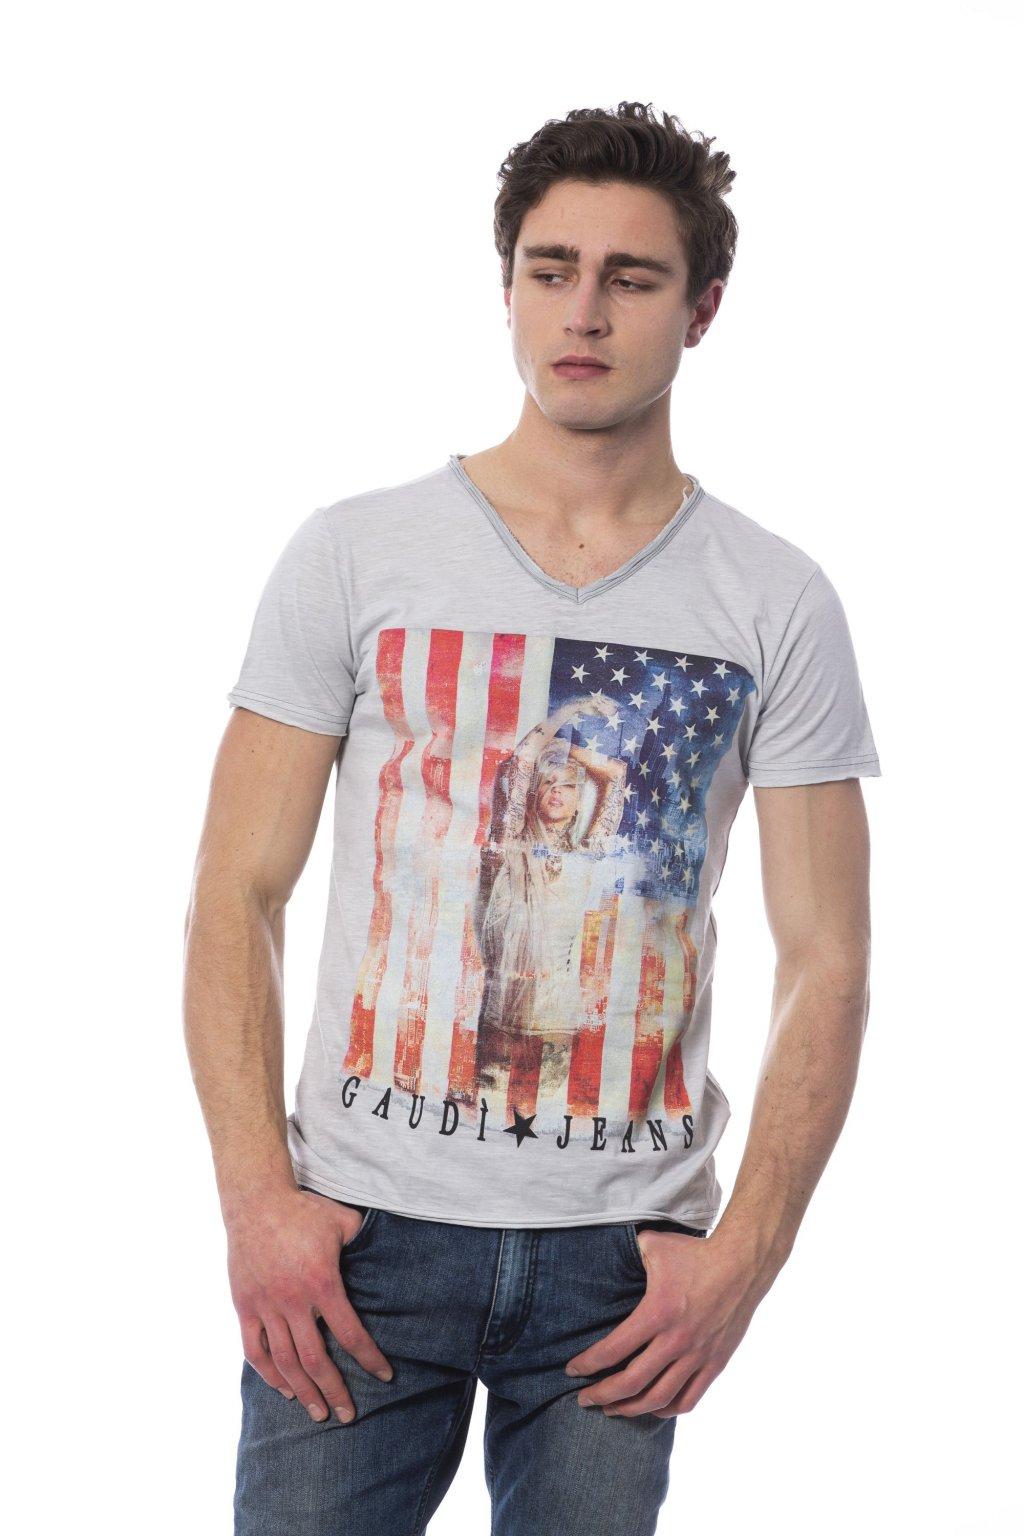 znackove panske tricko Gaudi Jeans america sede (2)